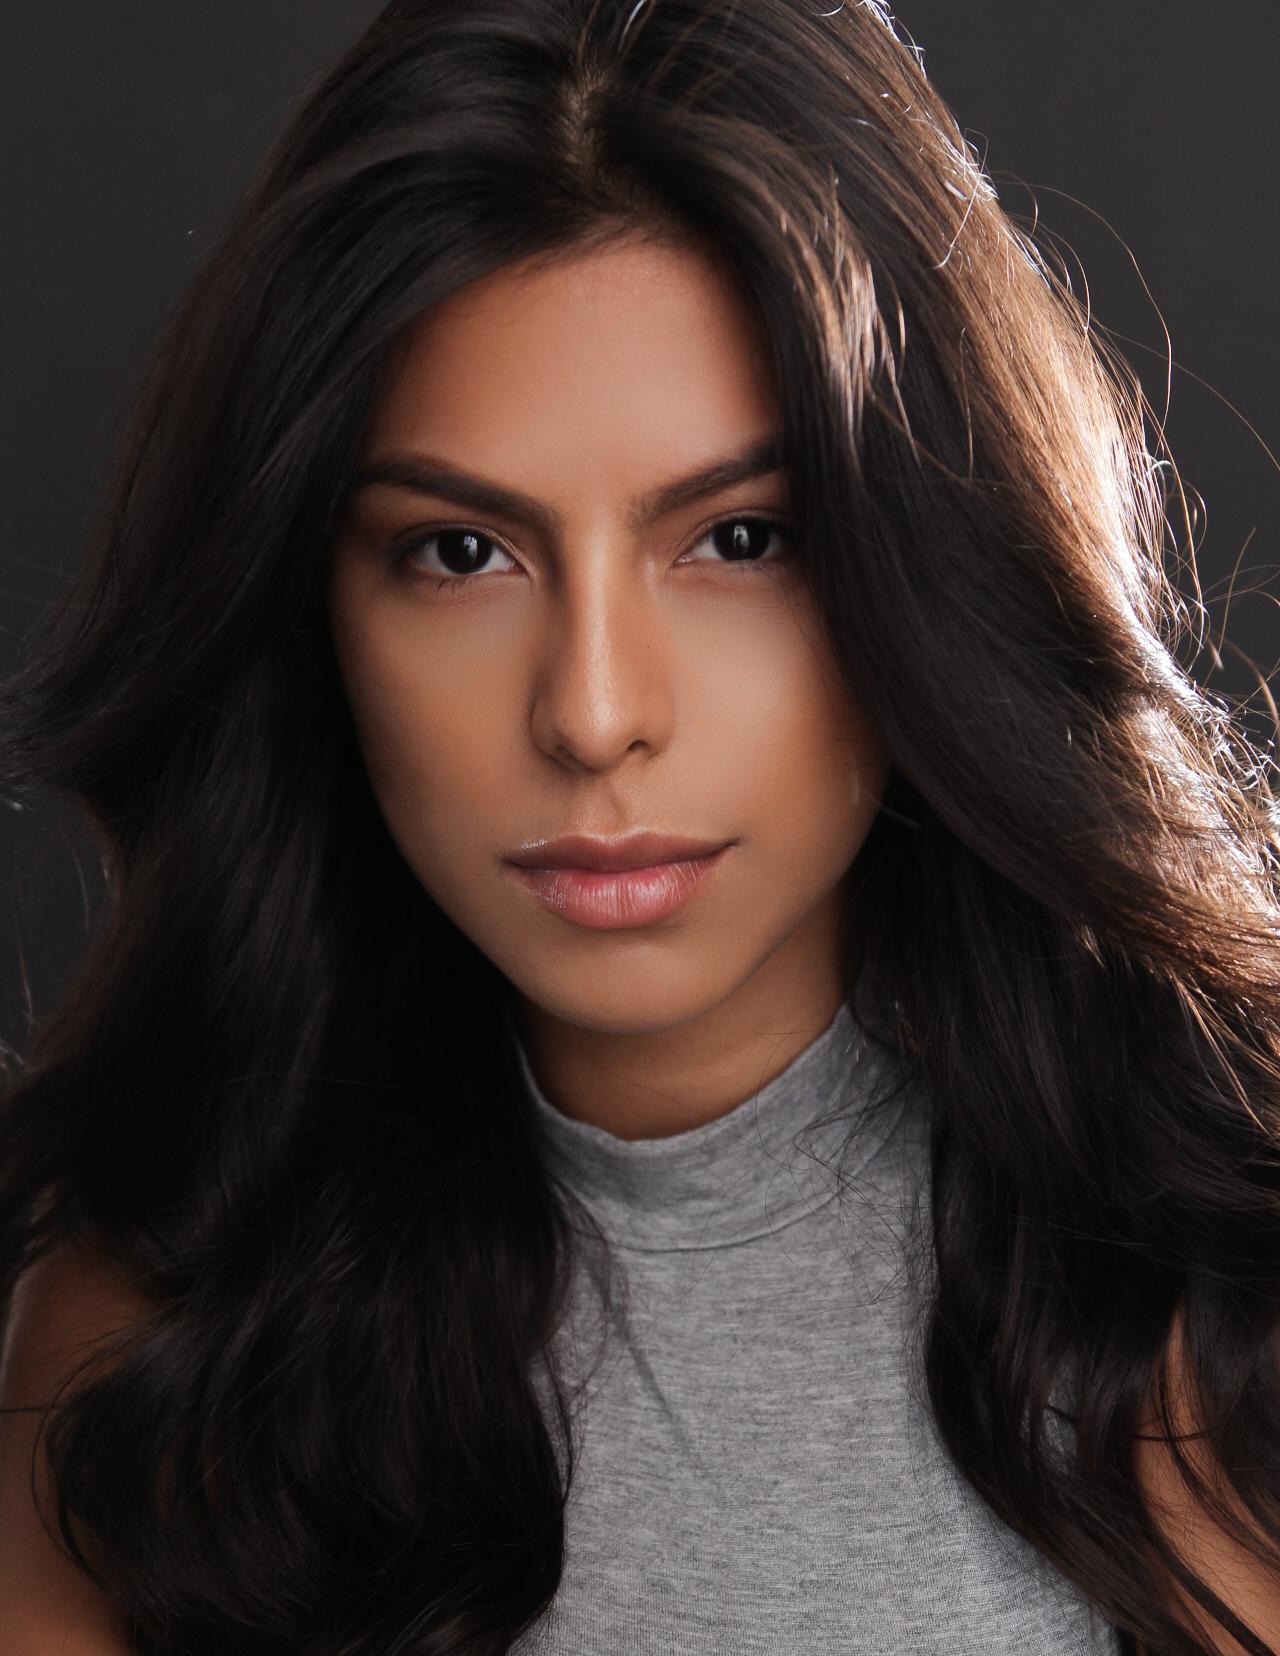 Natalia bachelor 2019